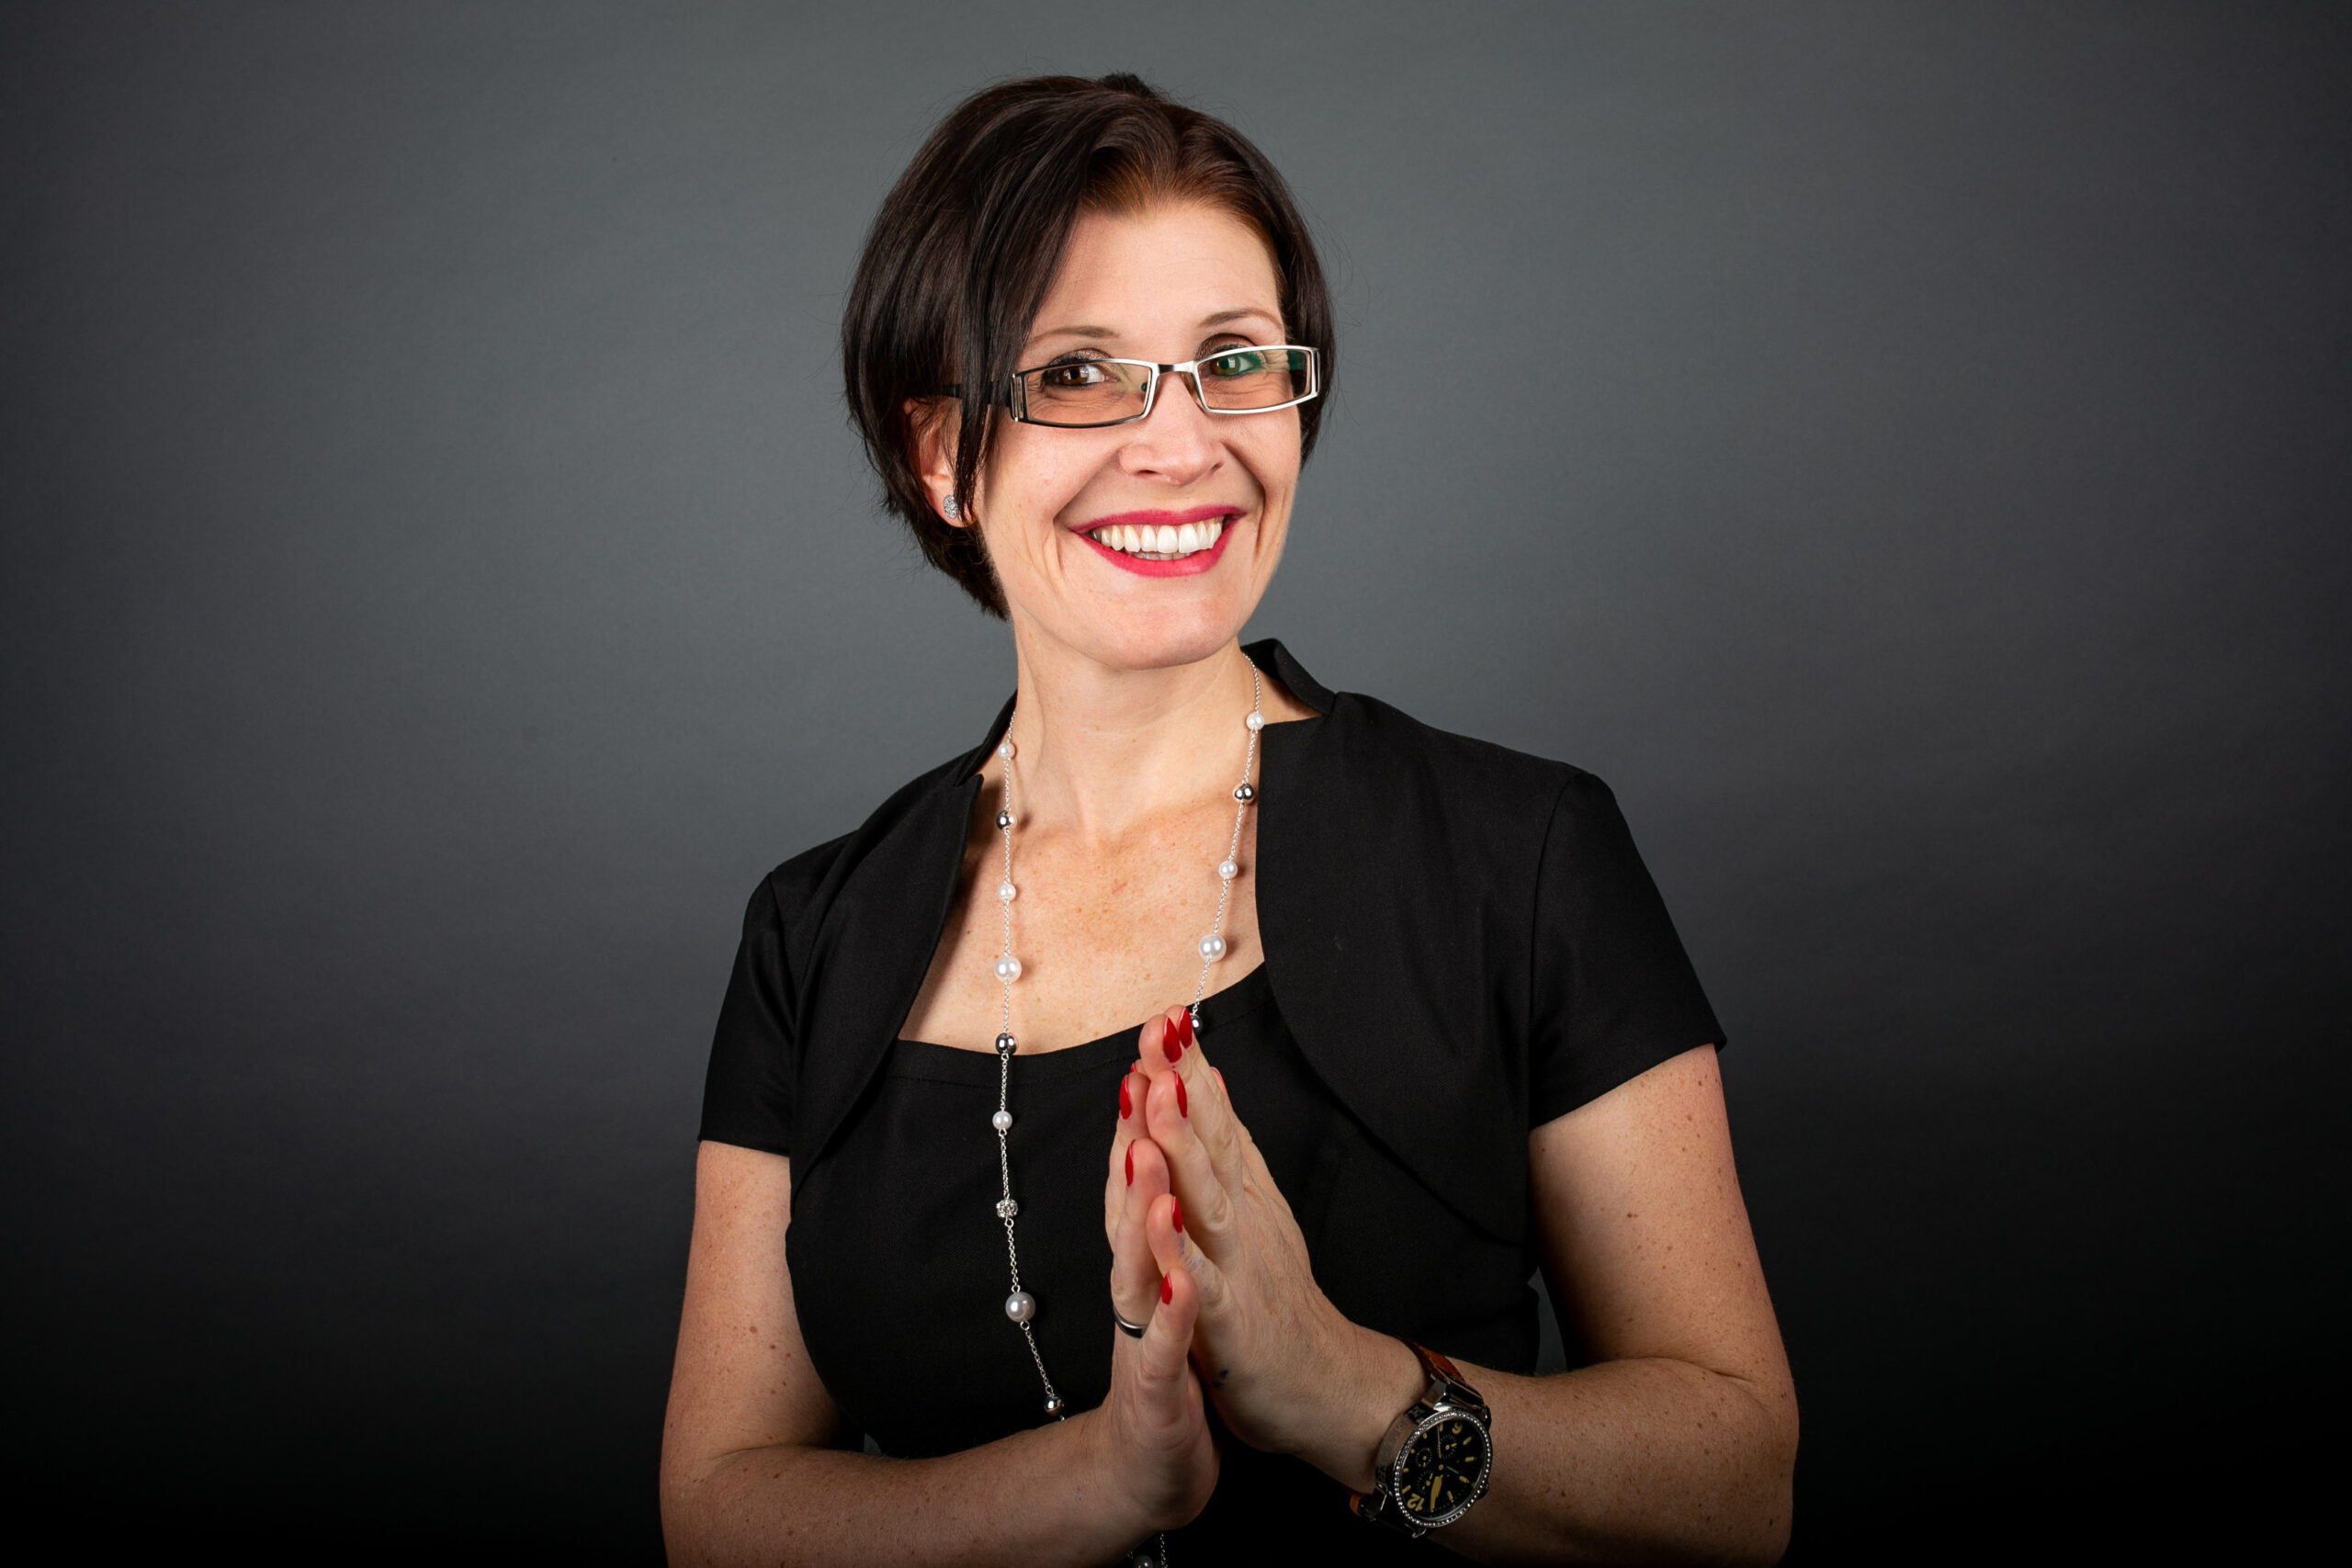 Sabrina von Nessen freut sich über das wertschätzende Feedback der Kunden